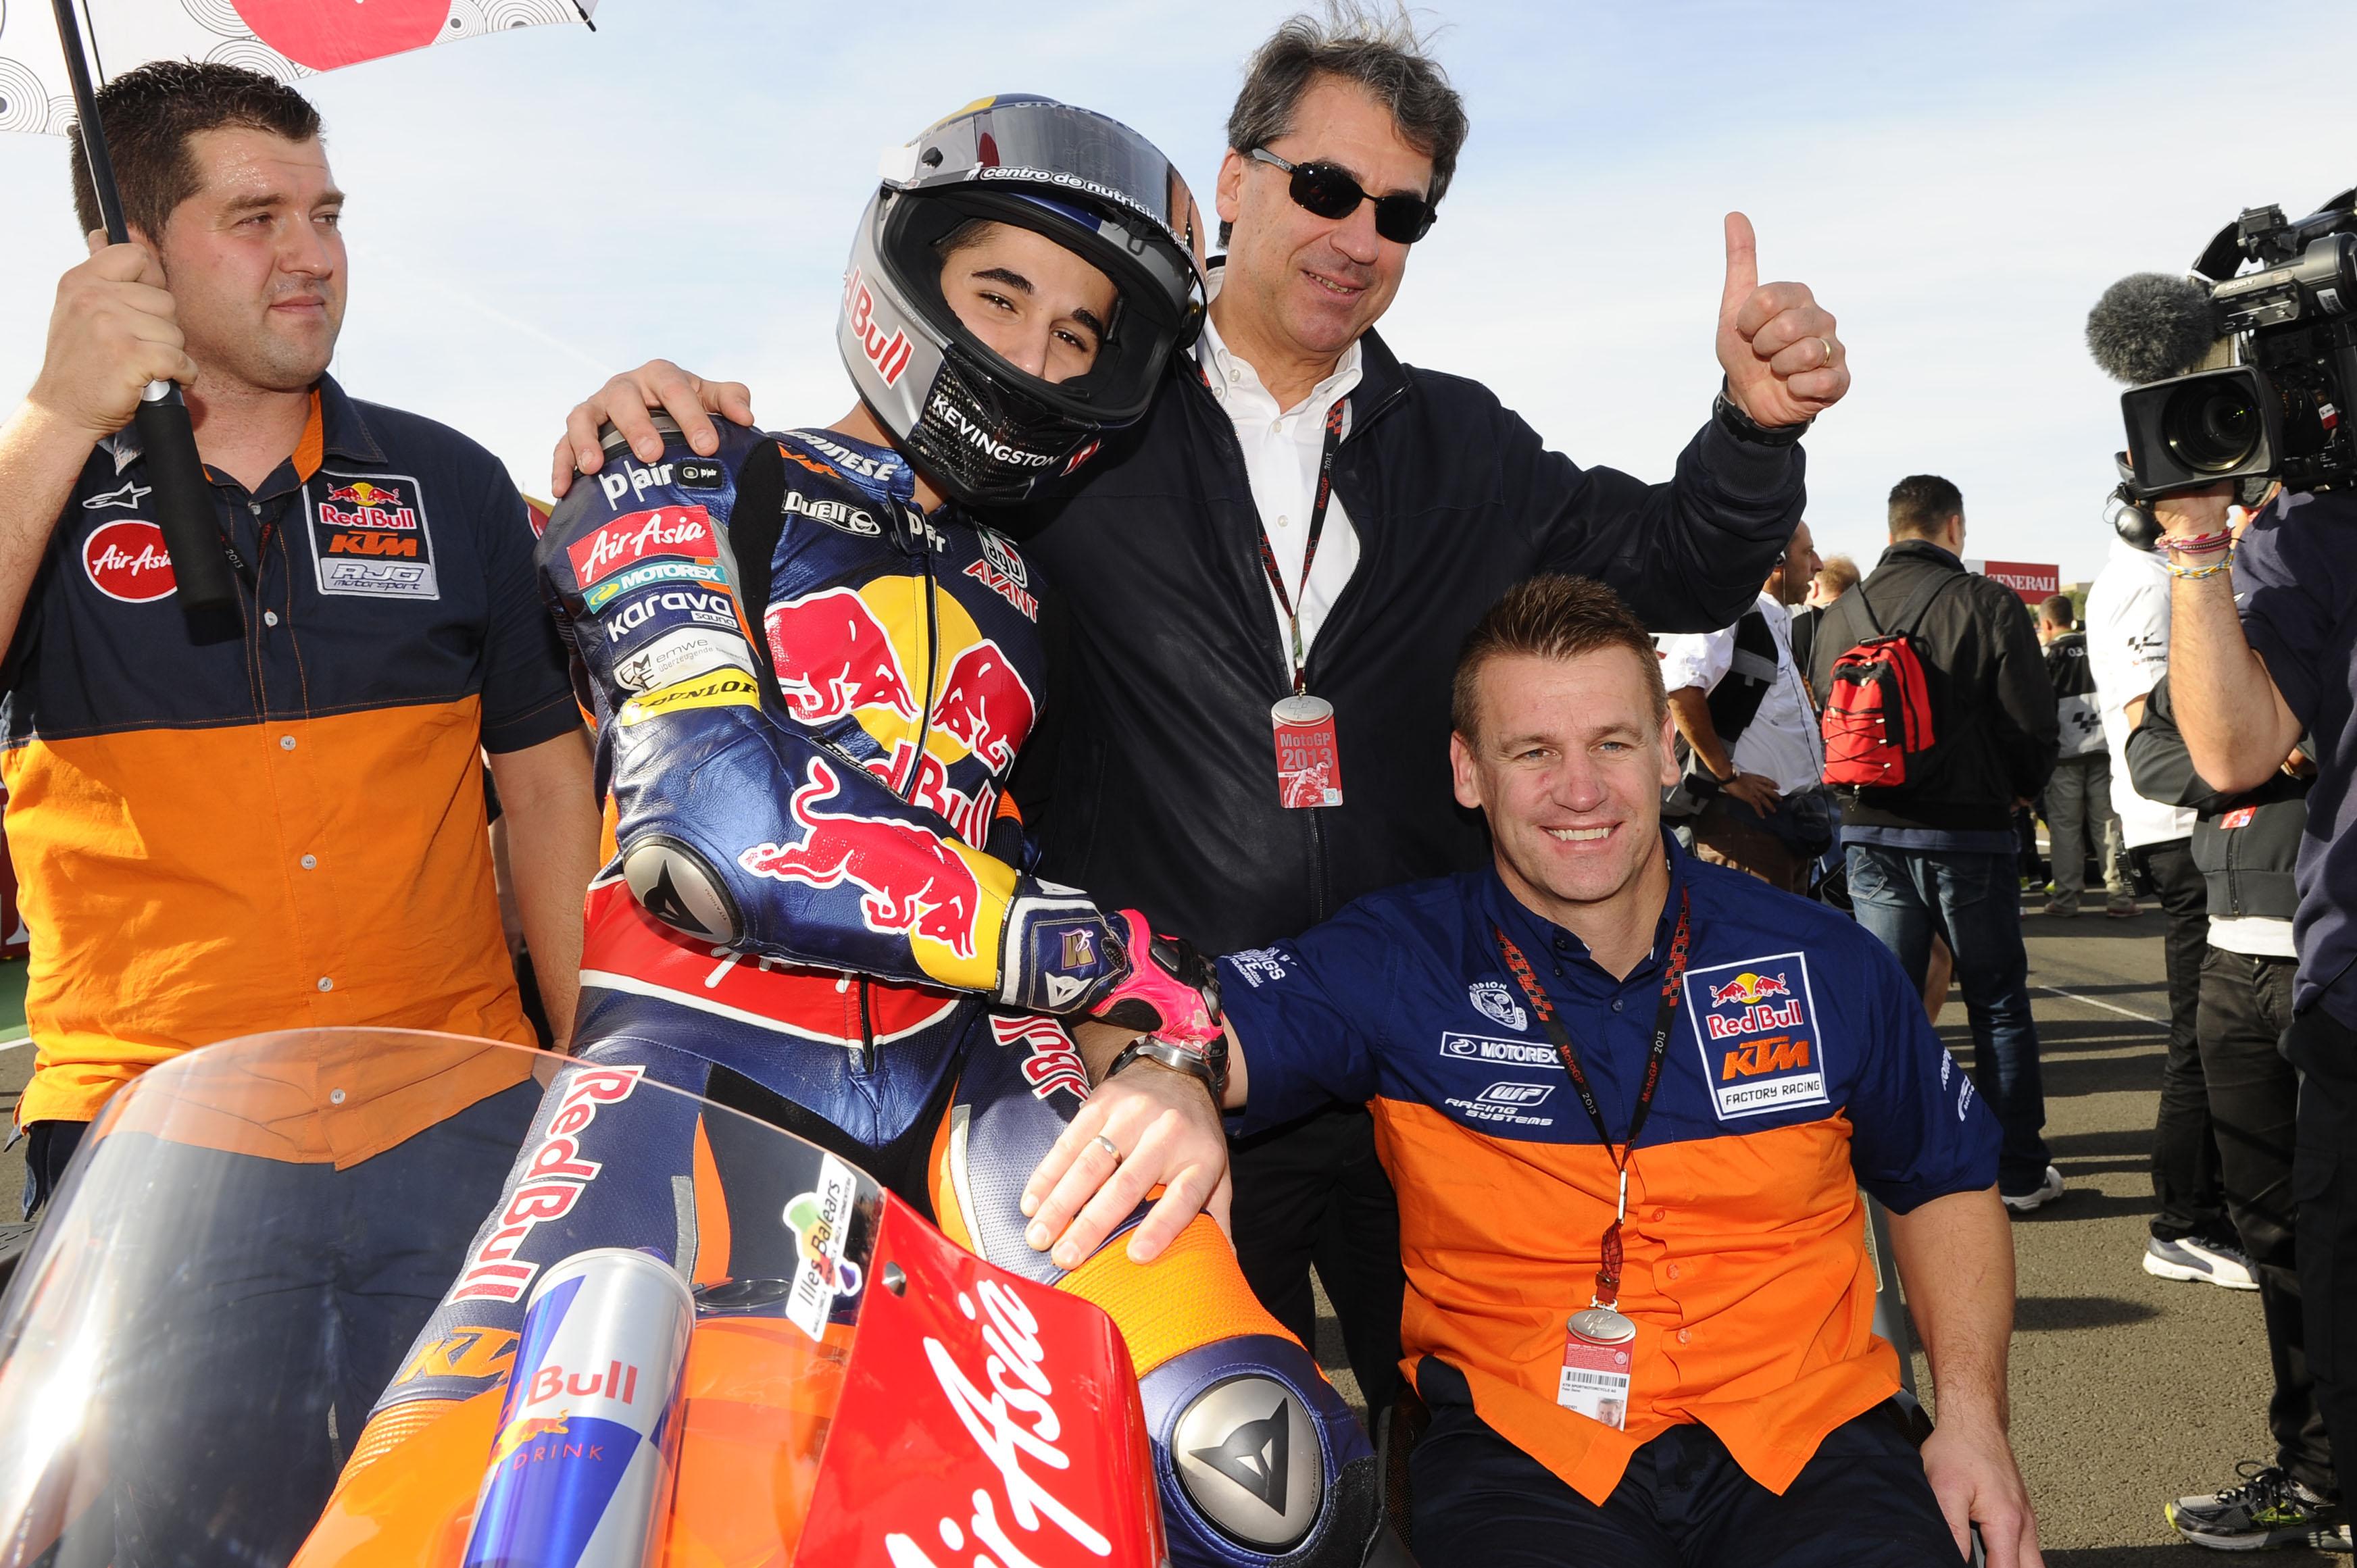 KTM CEO confirms entry into 2017 MotoGP